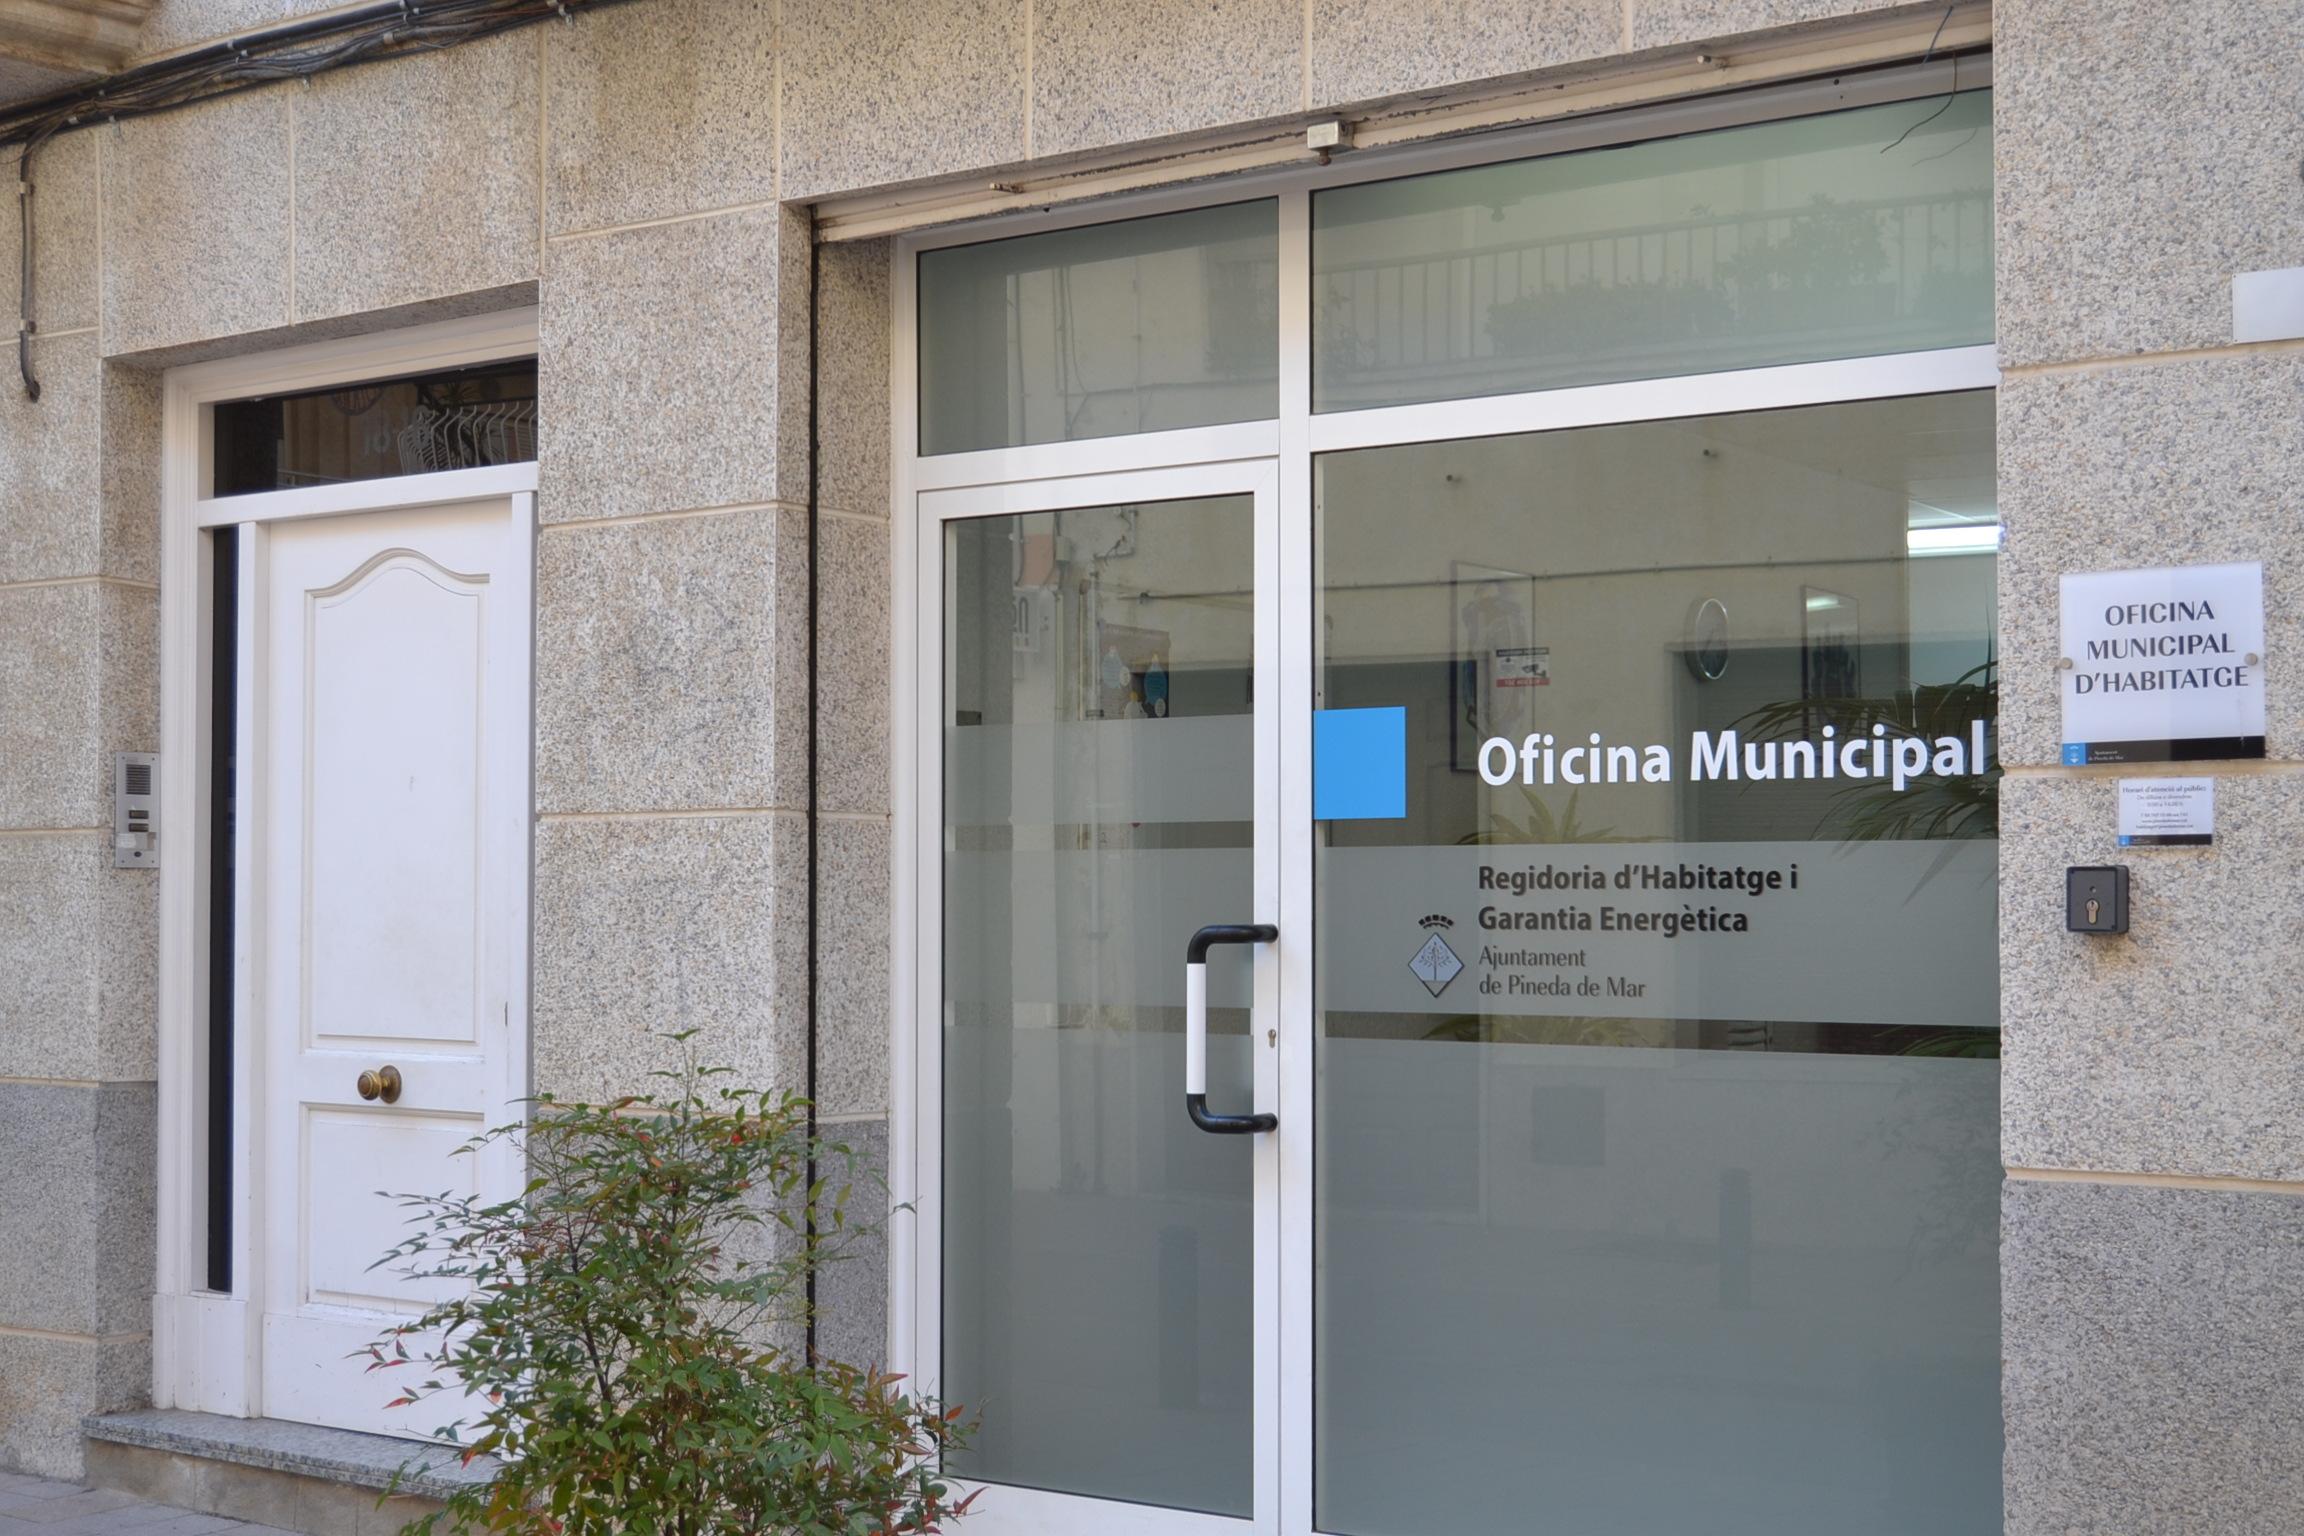 Economia drupal for Oficina habitatge badalona